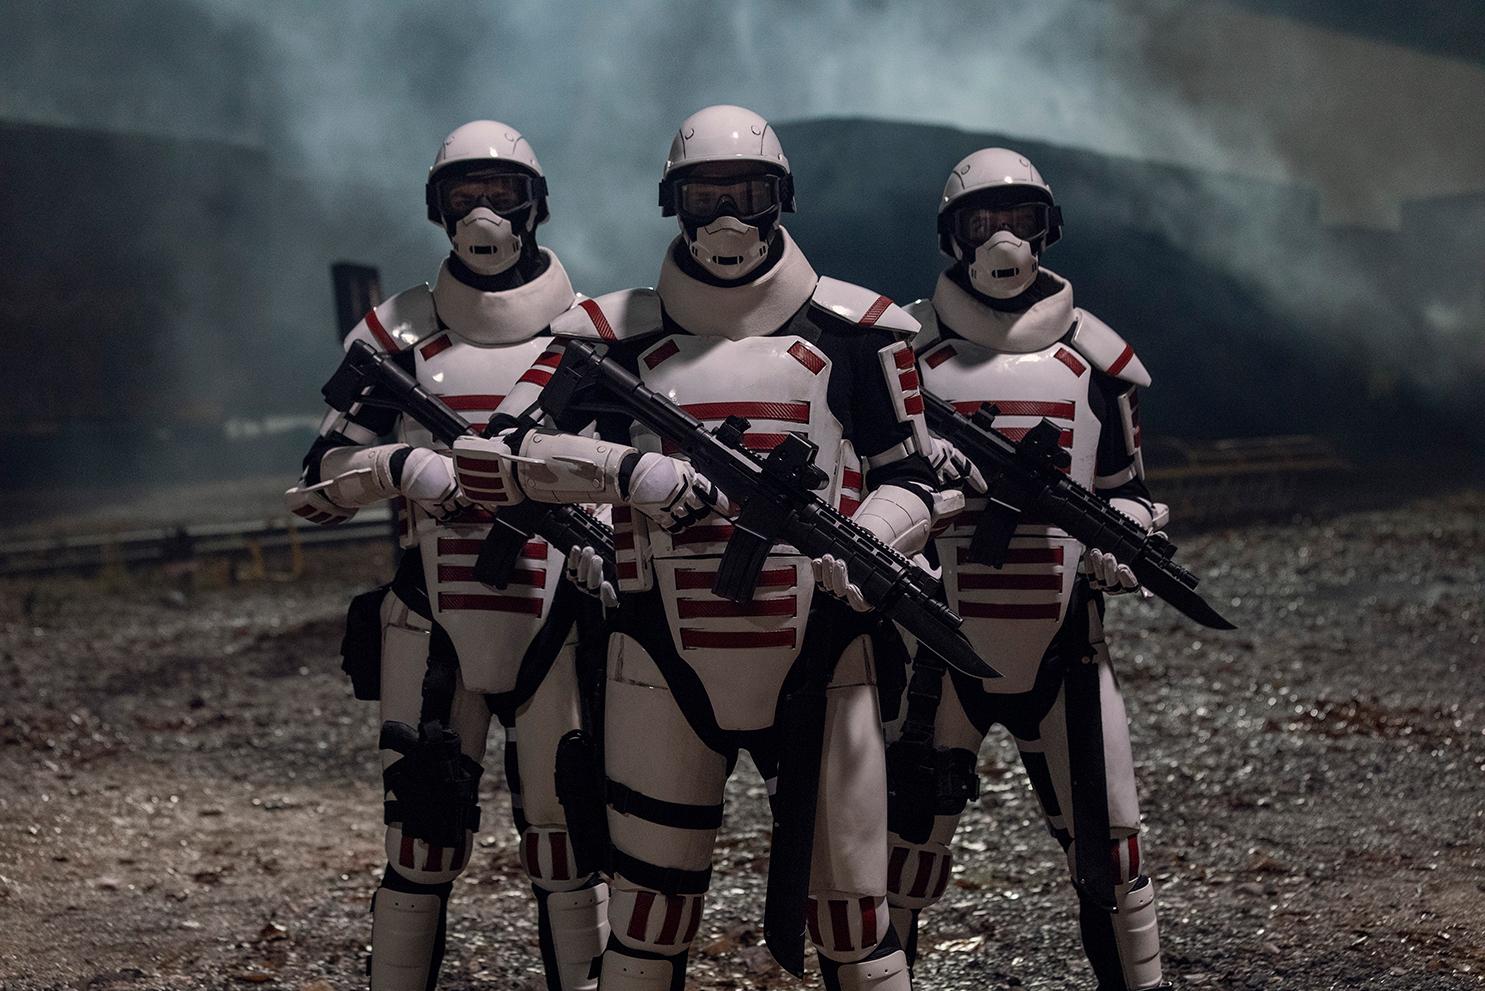 「ユージーン」たちが白いユニフォームで武装した人々に取り囲まれてしまう